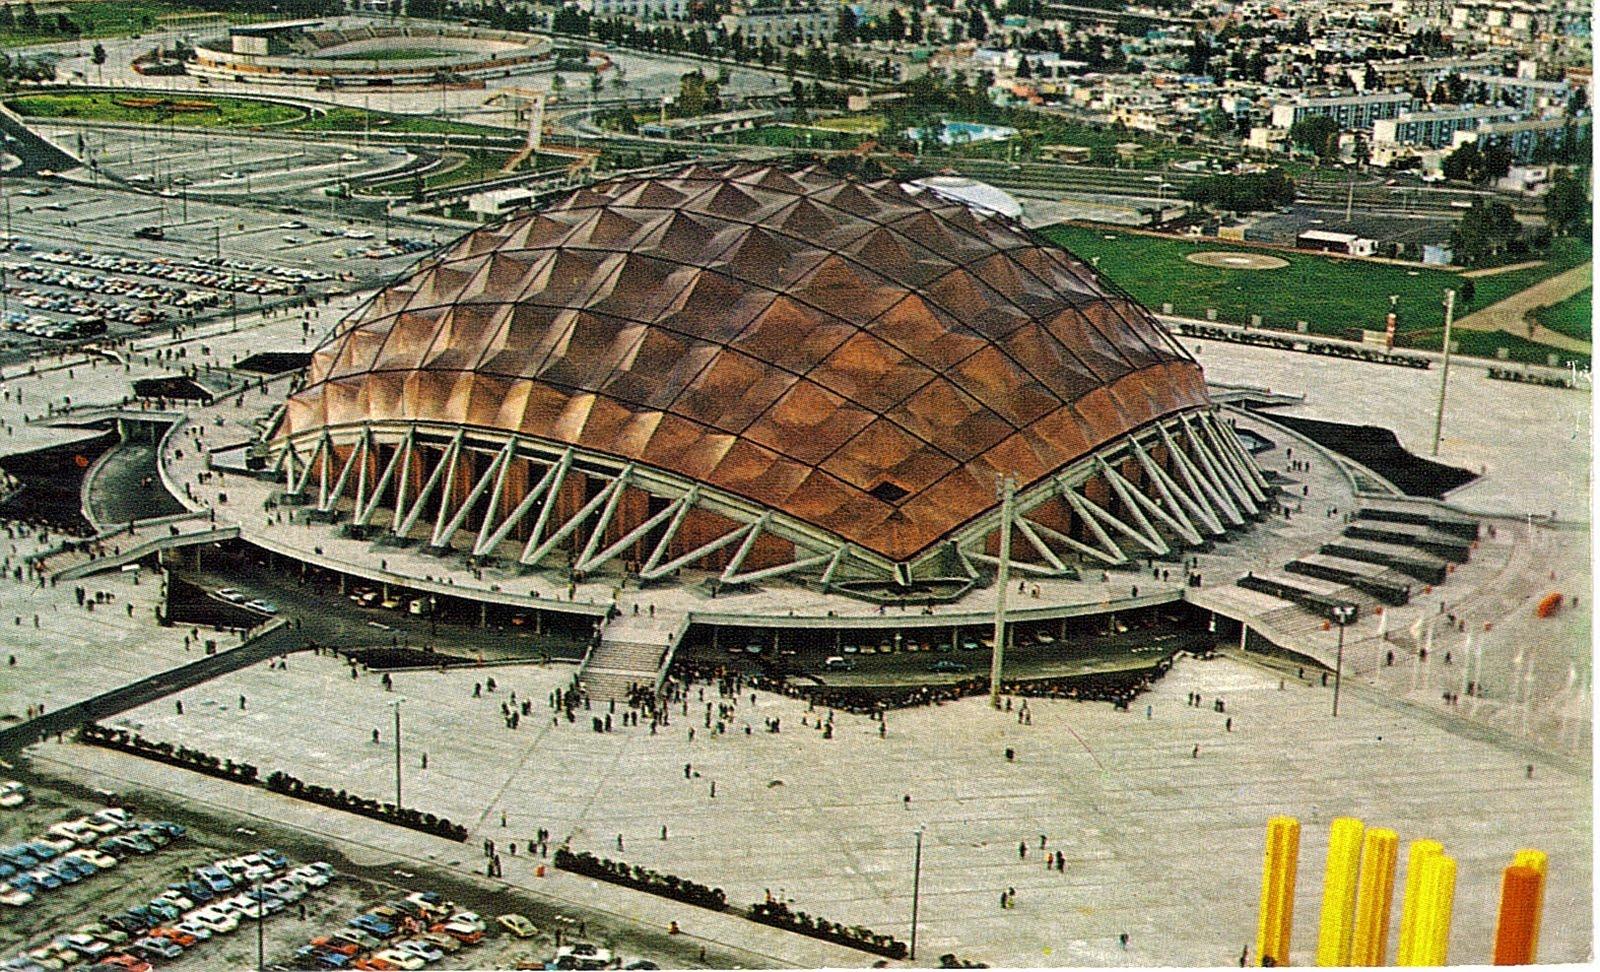 Mexico city palacio de los deportes 22 730 page 2 for Palacio de los azulejos mexico